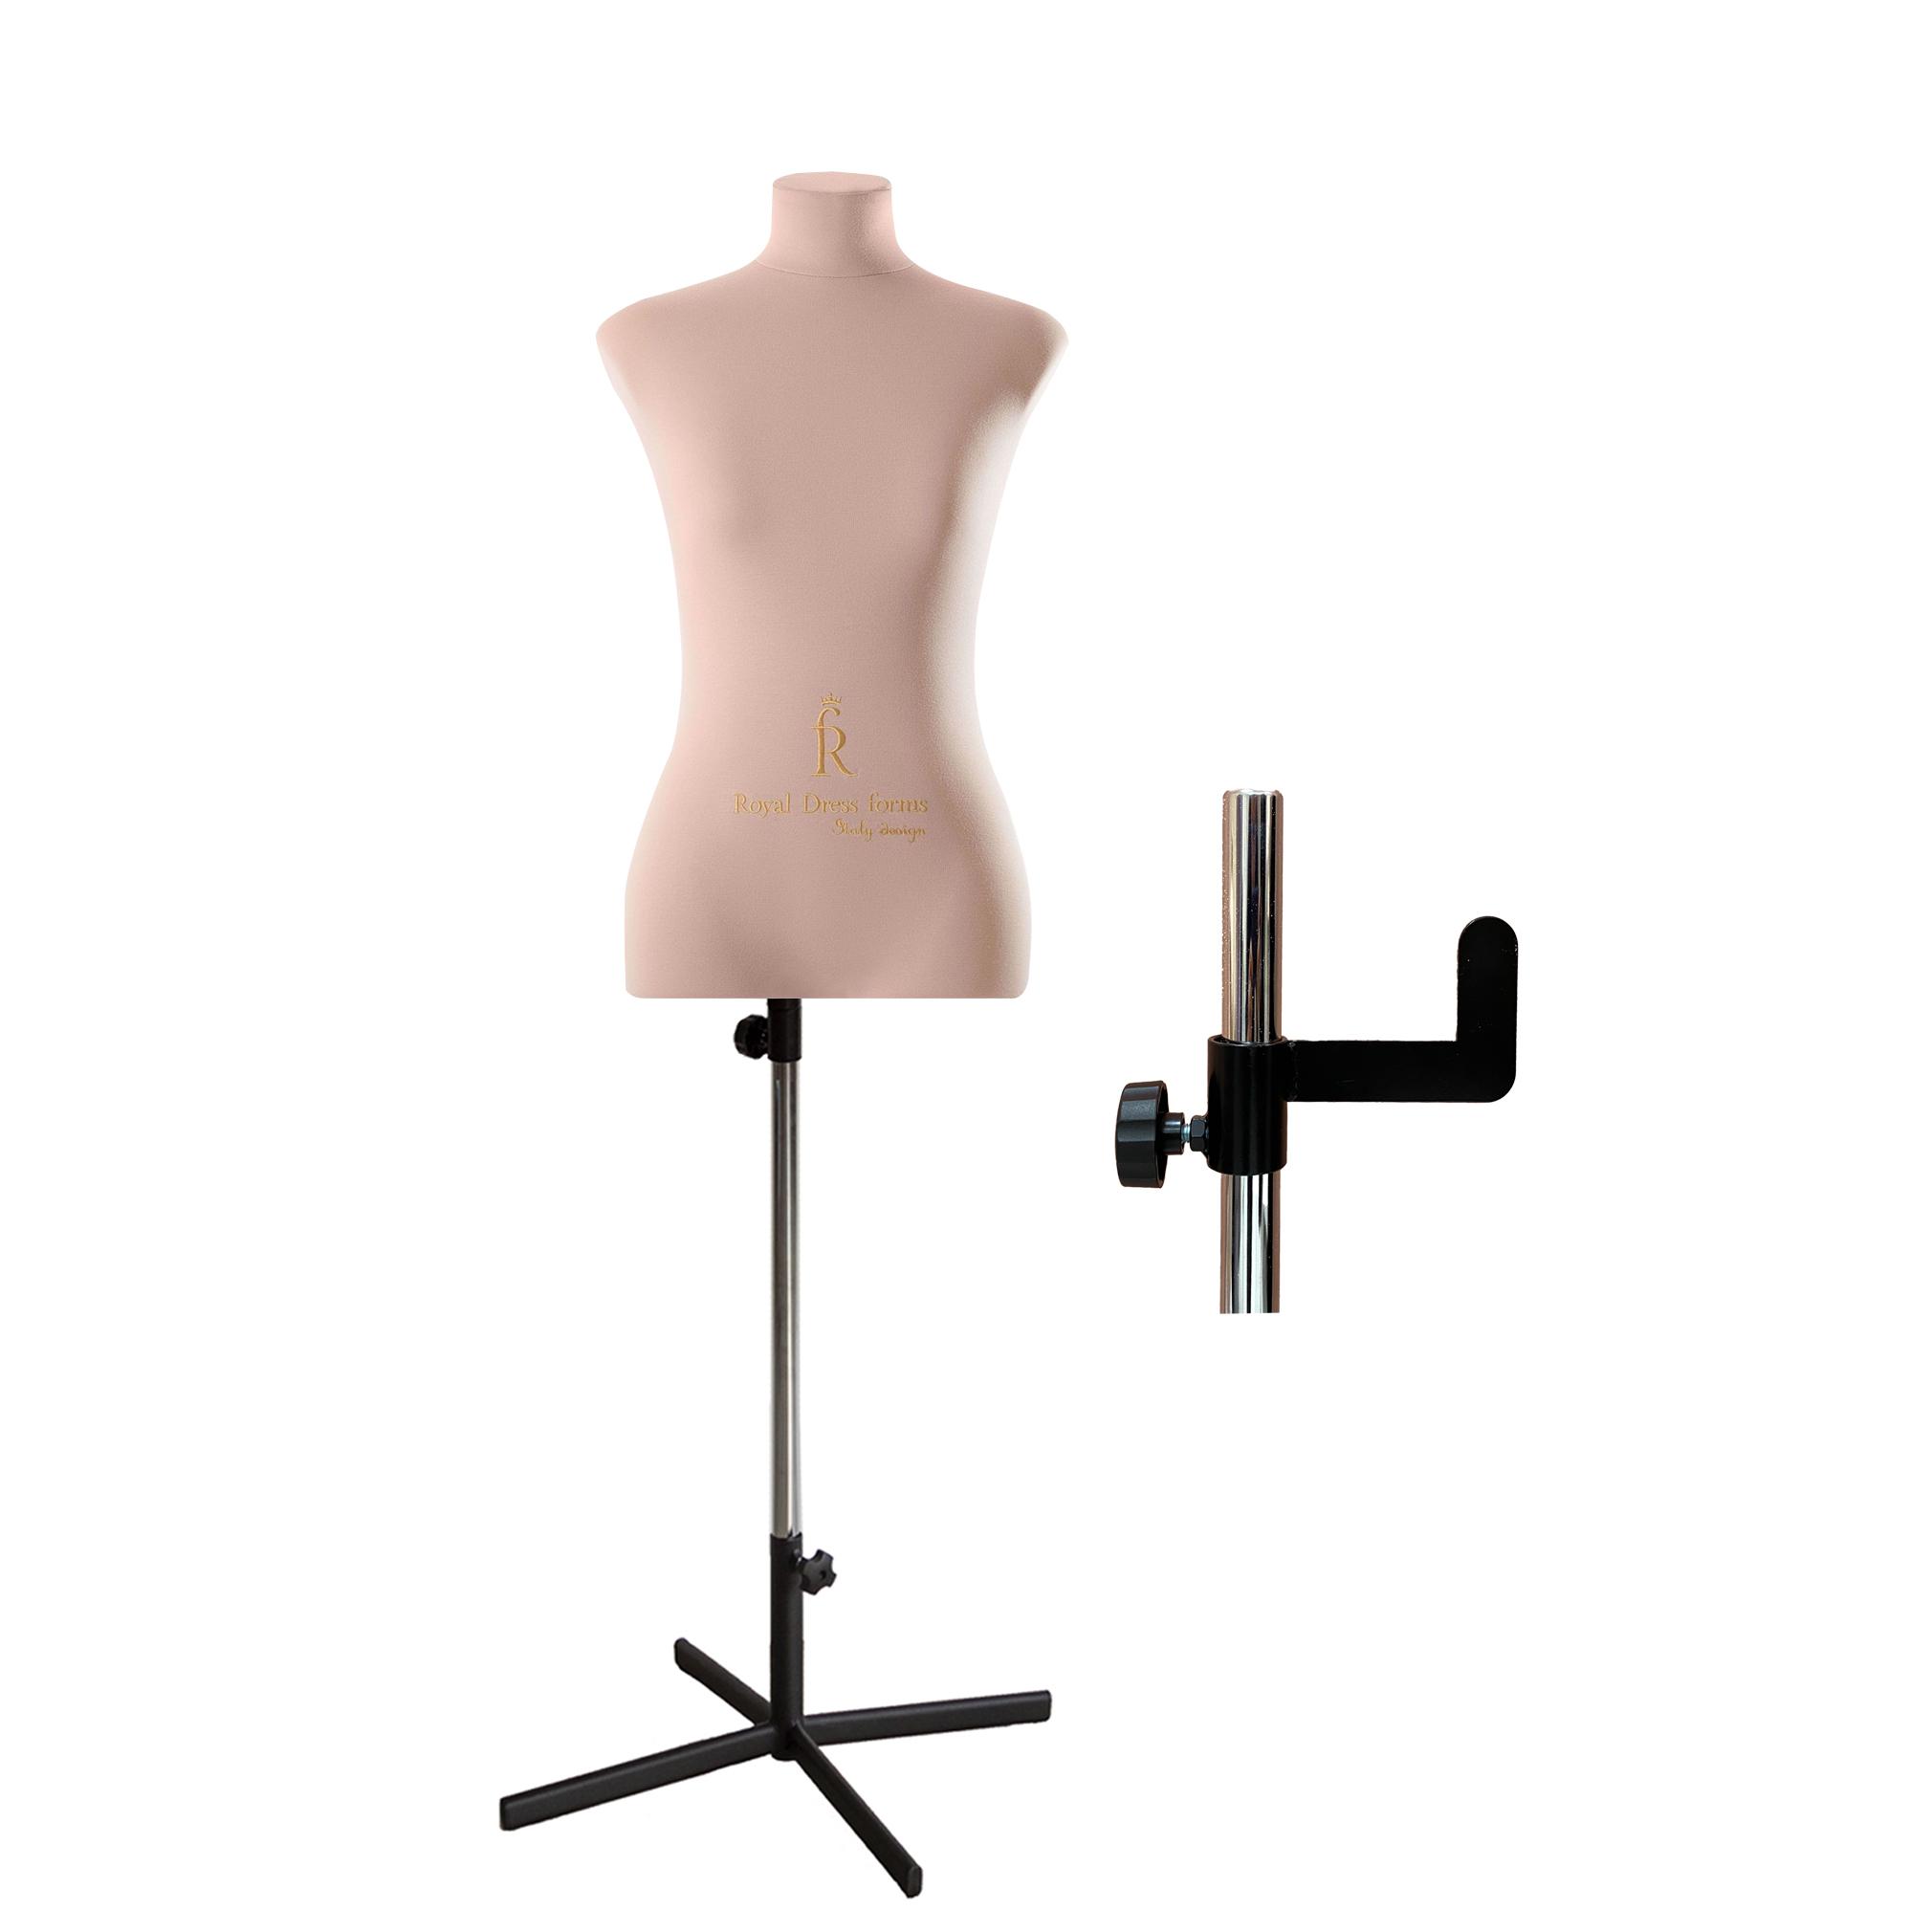 Манекен портновский Кристина, комплект Премиум, размер 48, цвет бежевый, в комплекте подставка